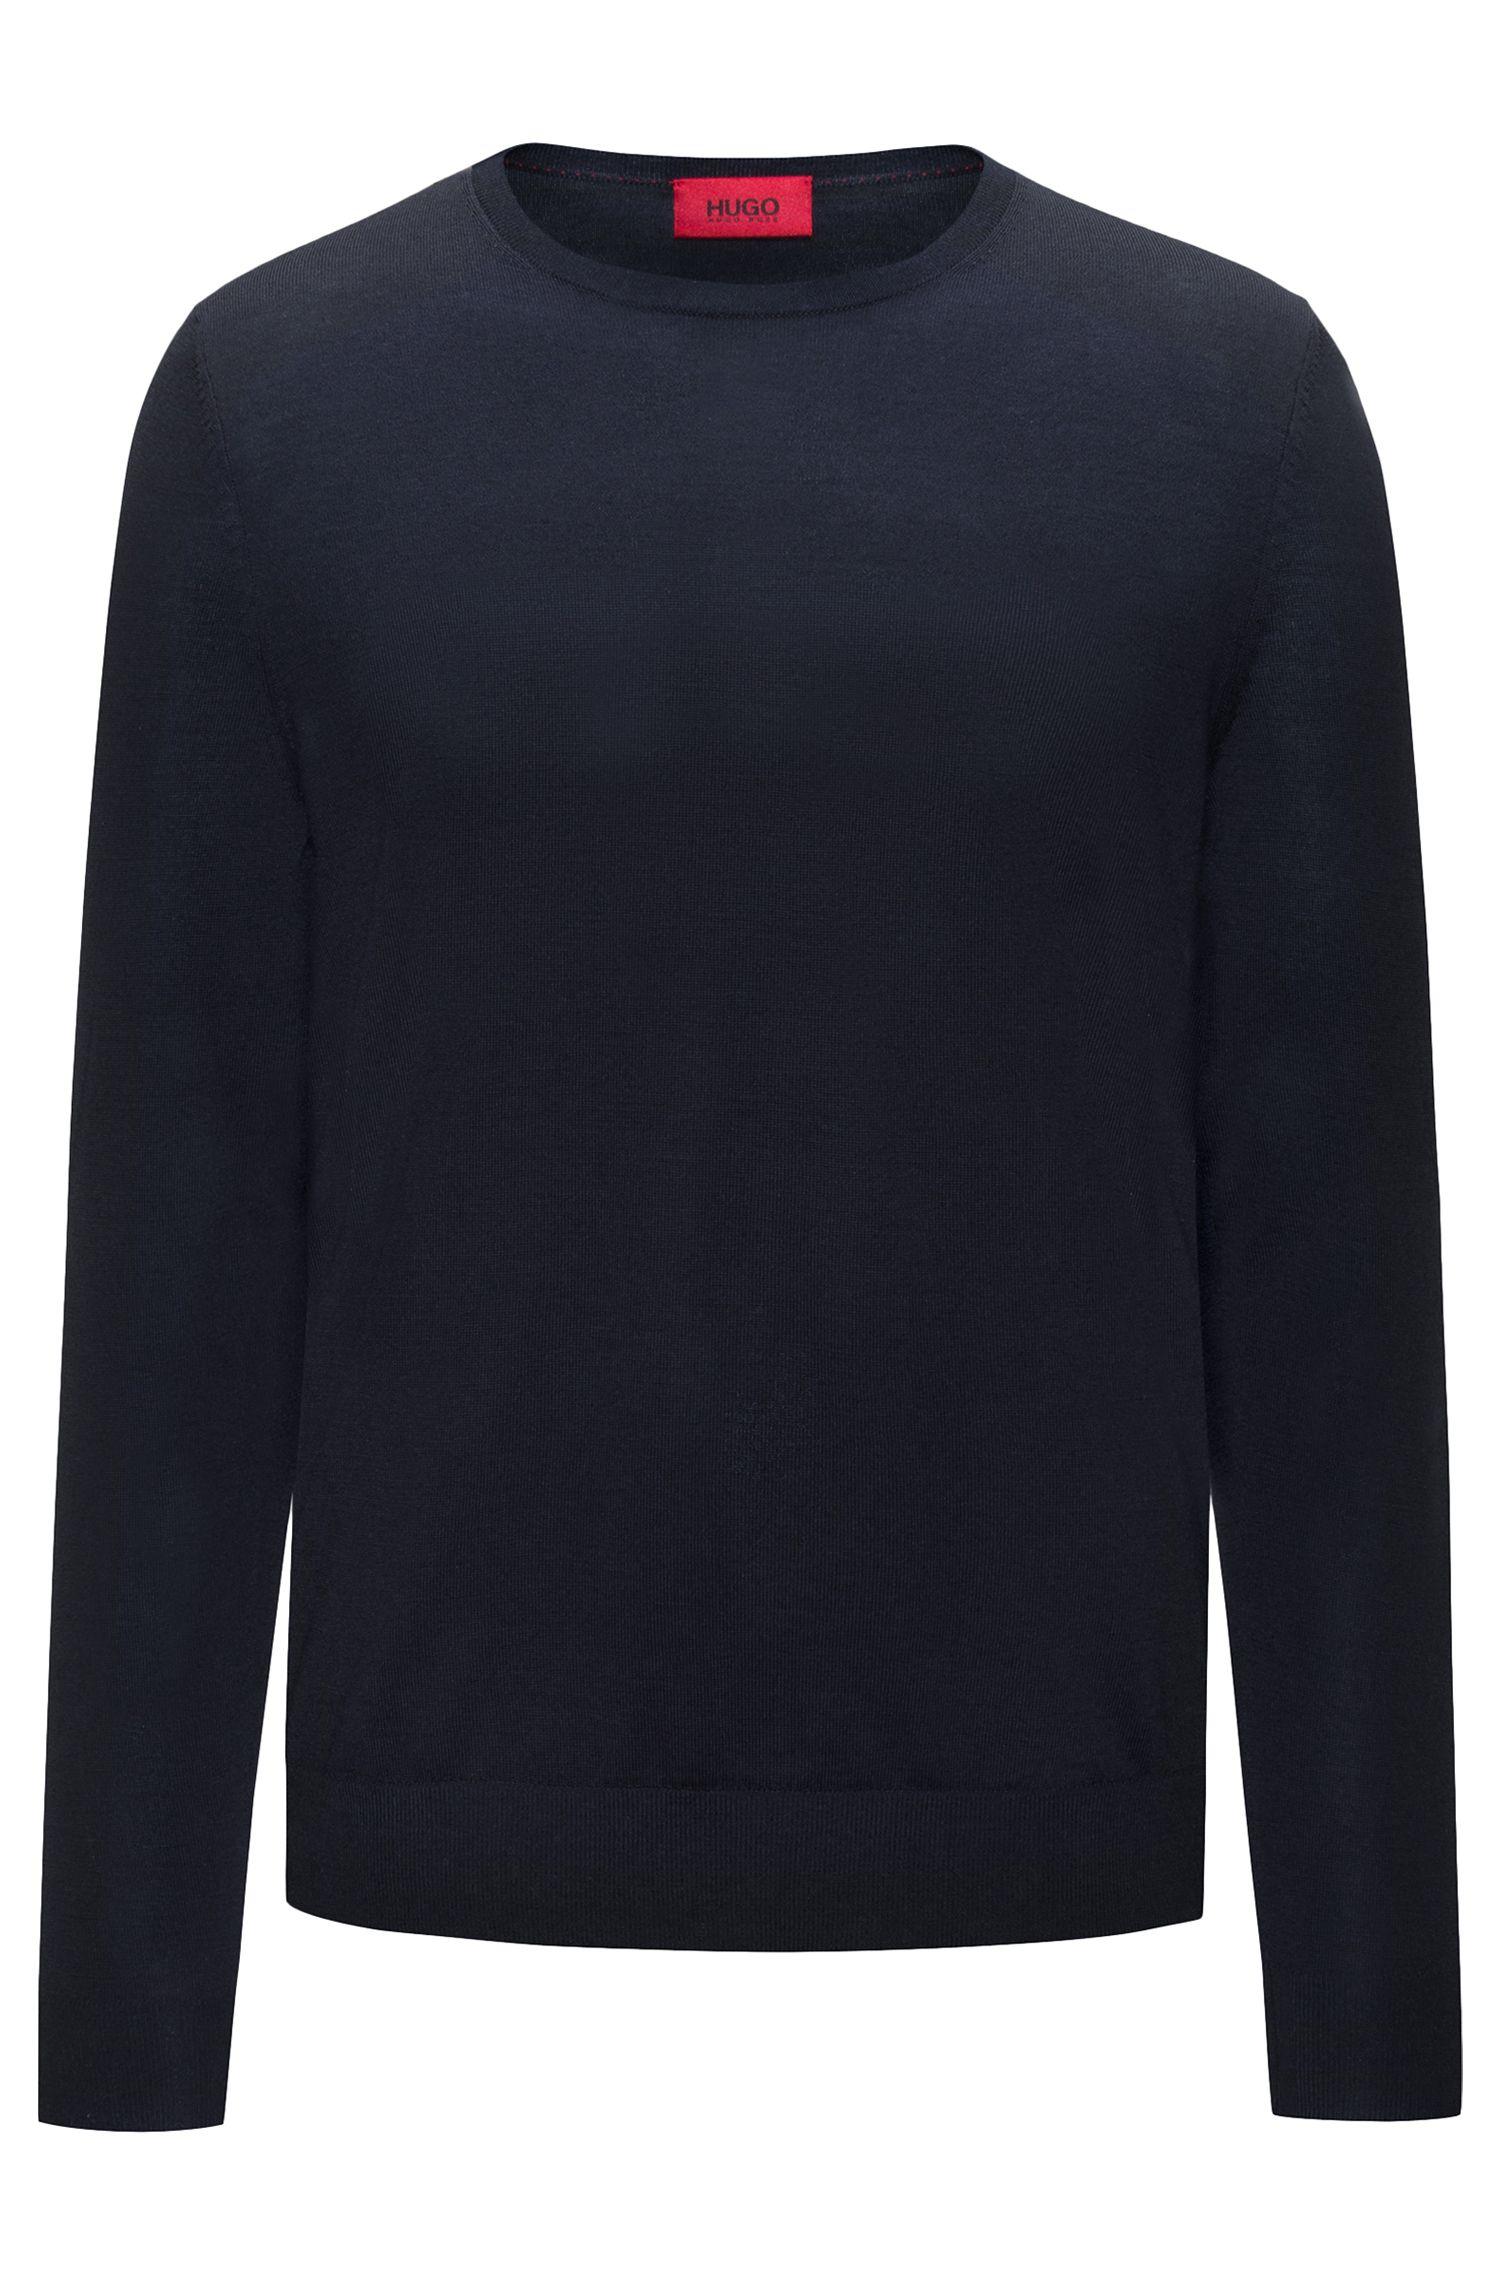 Crew-neck sweater in a lightweight merino wool blend, Dark Blue